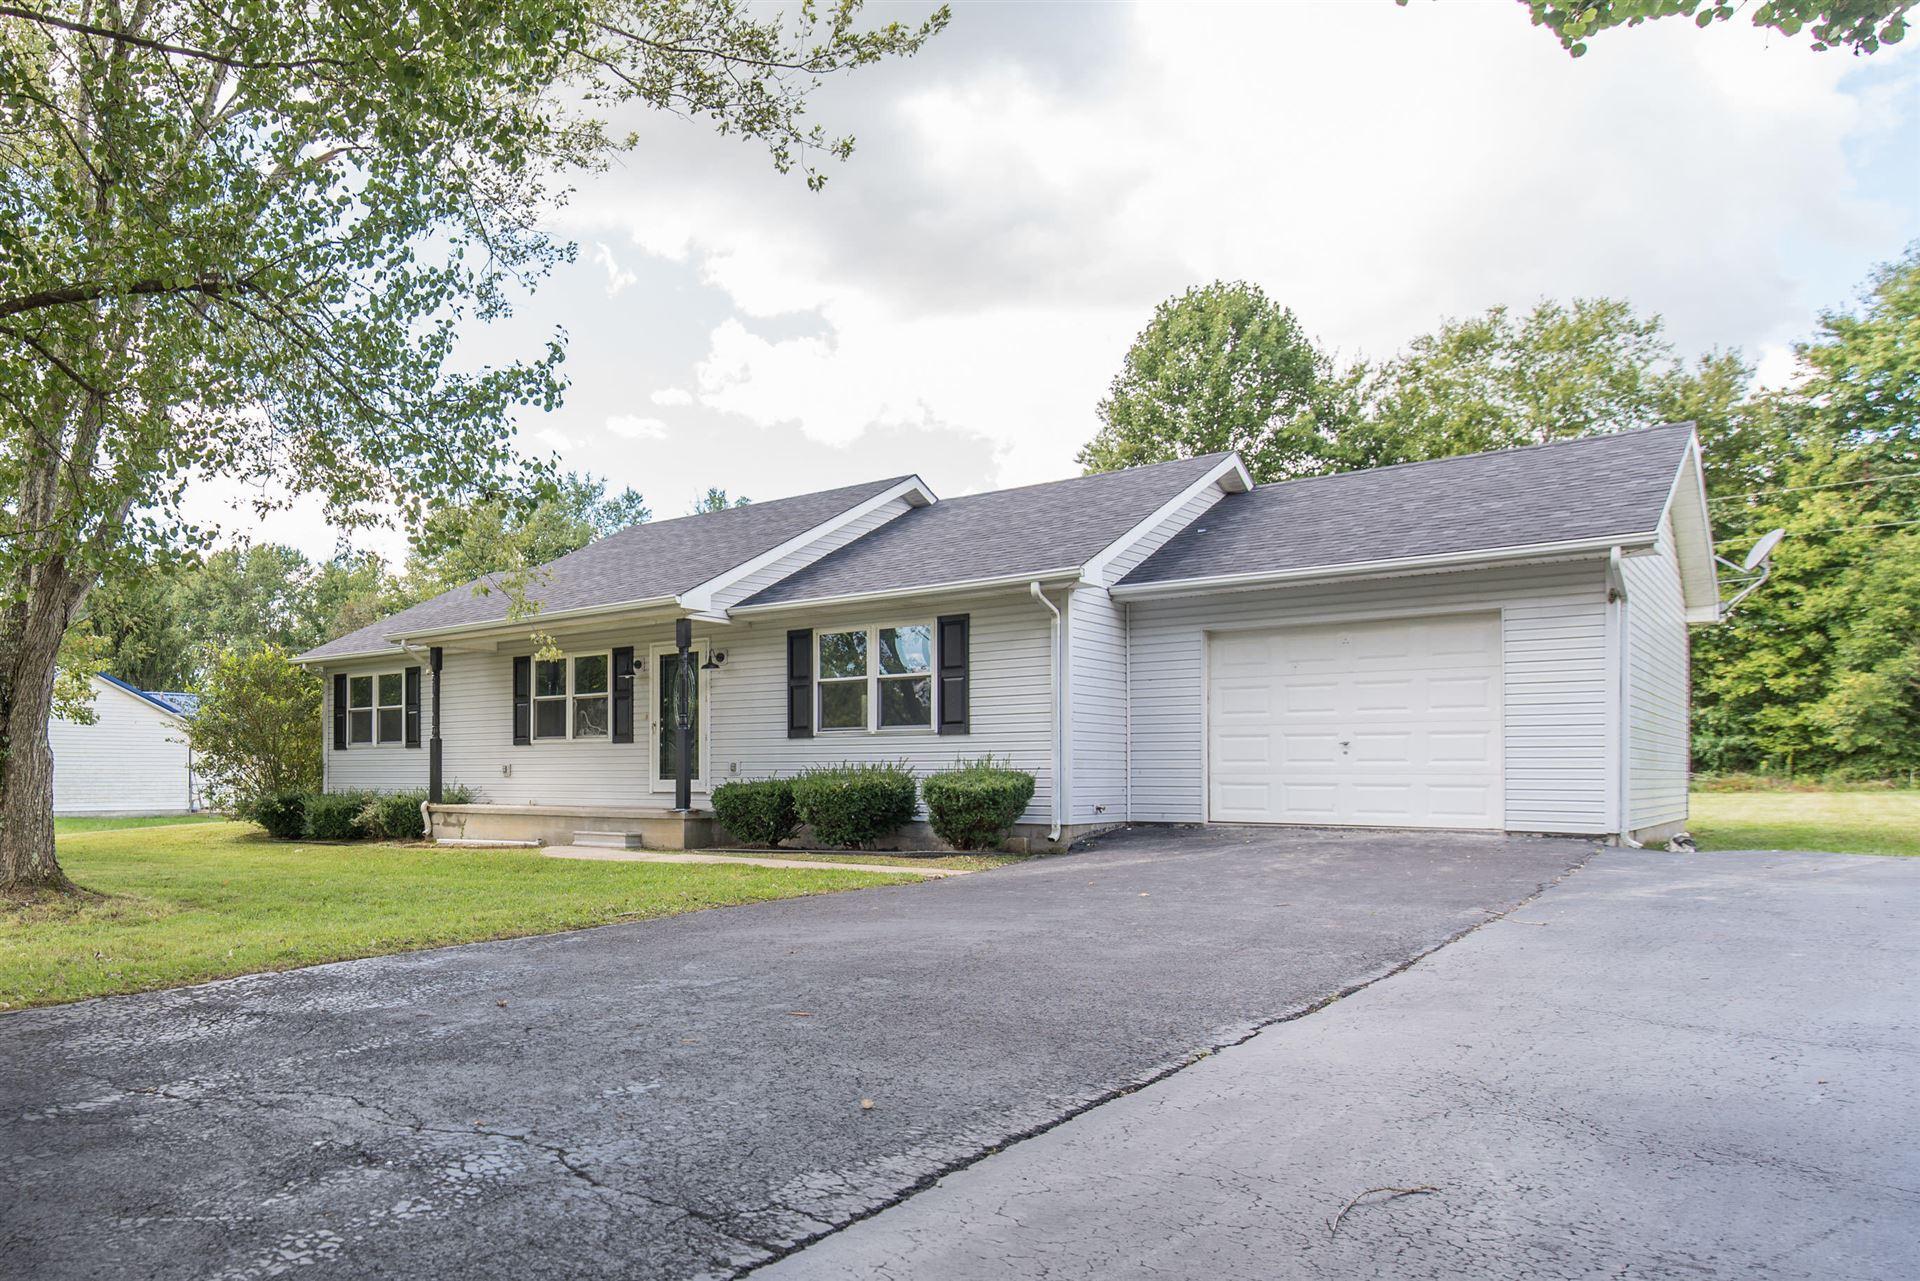 116 Blake, Jeffersonville, KY 40337 - MLS#: 20120815